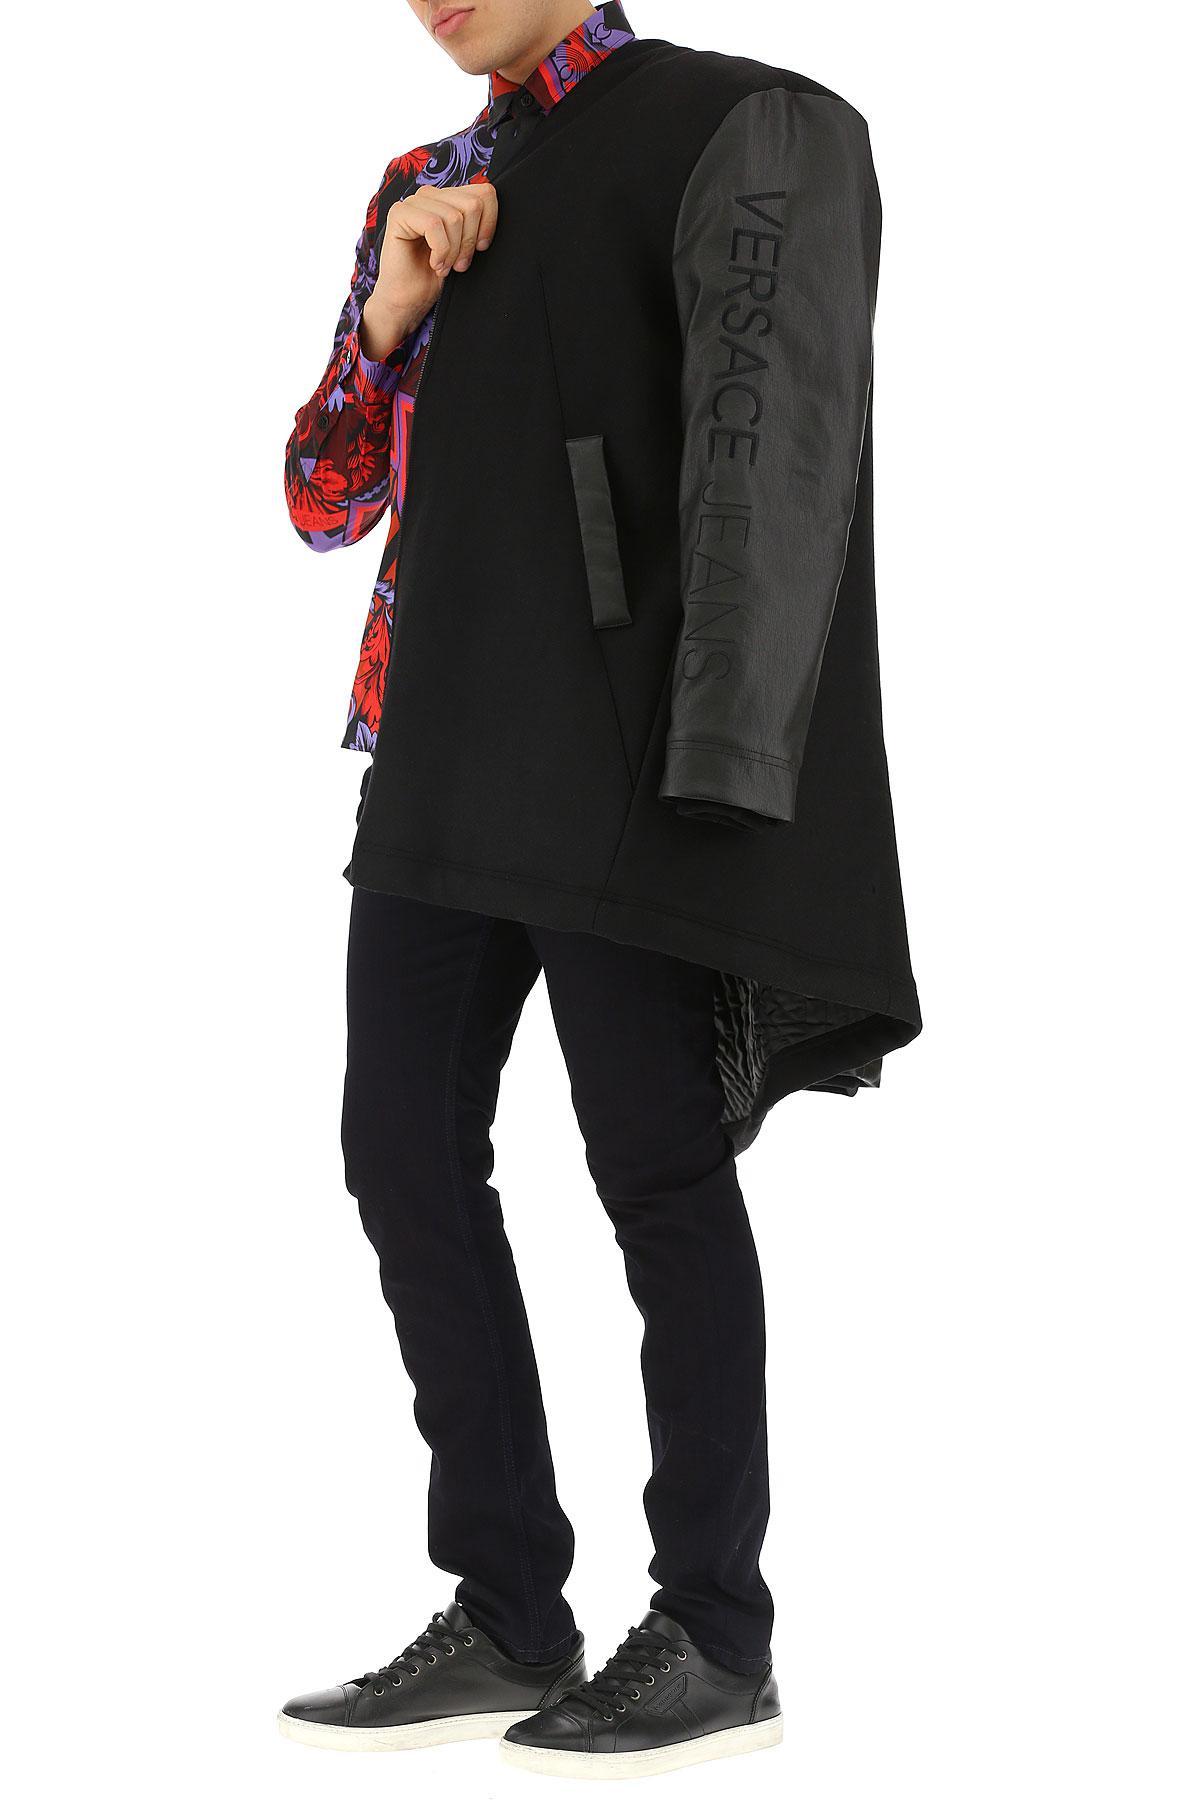 Coloris Manteau En Versace Pour Homme Synthétique Noir wOP0nk